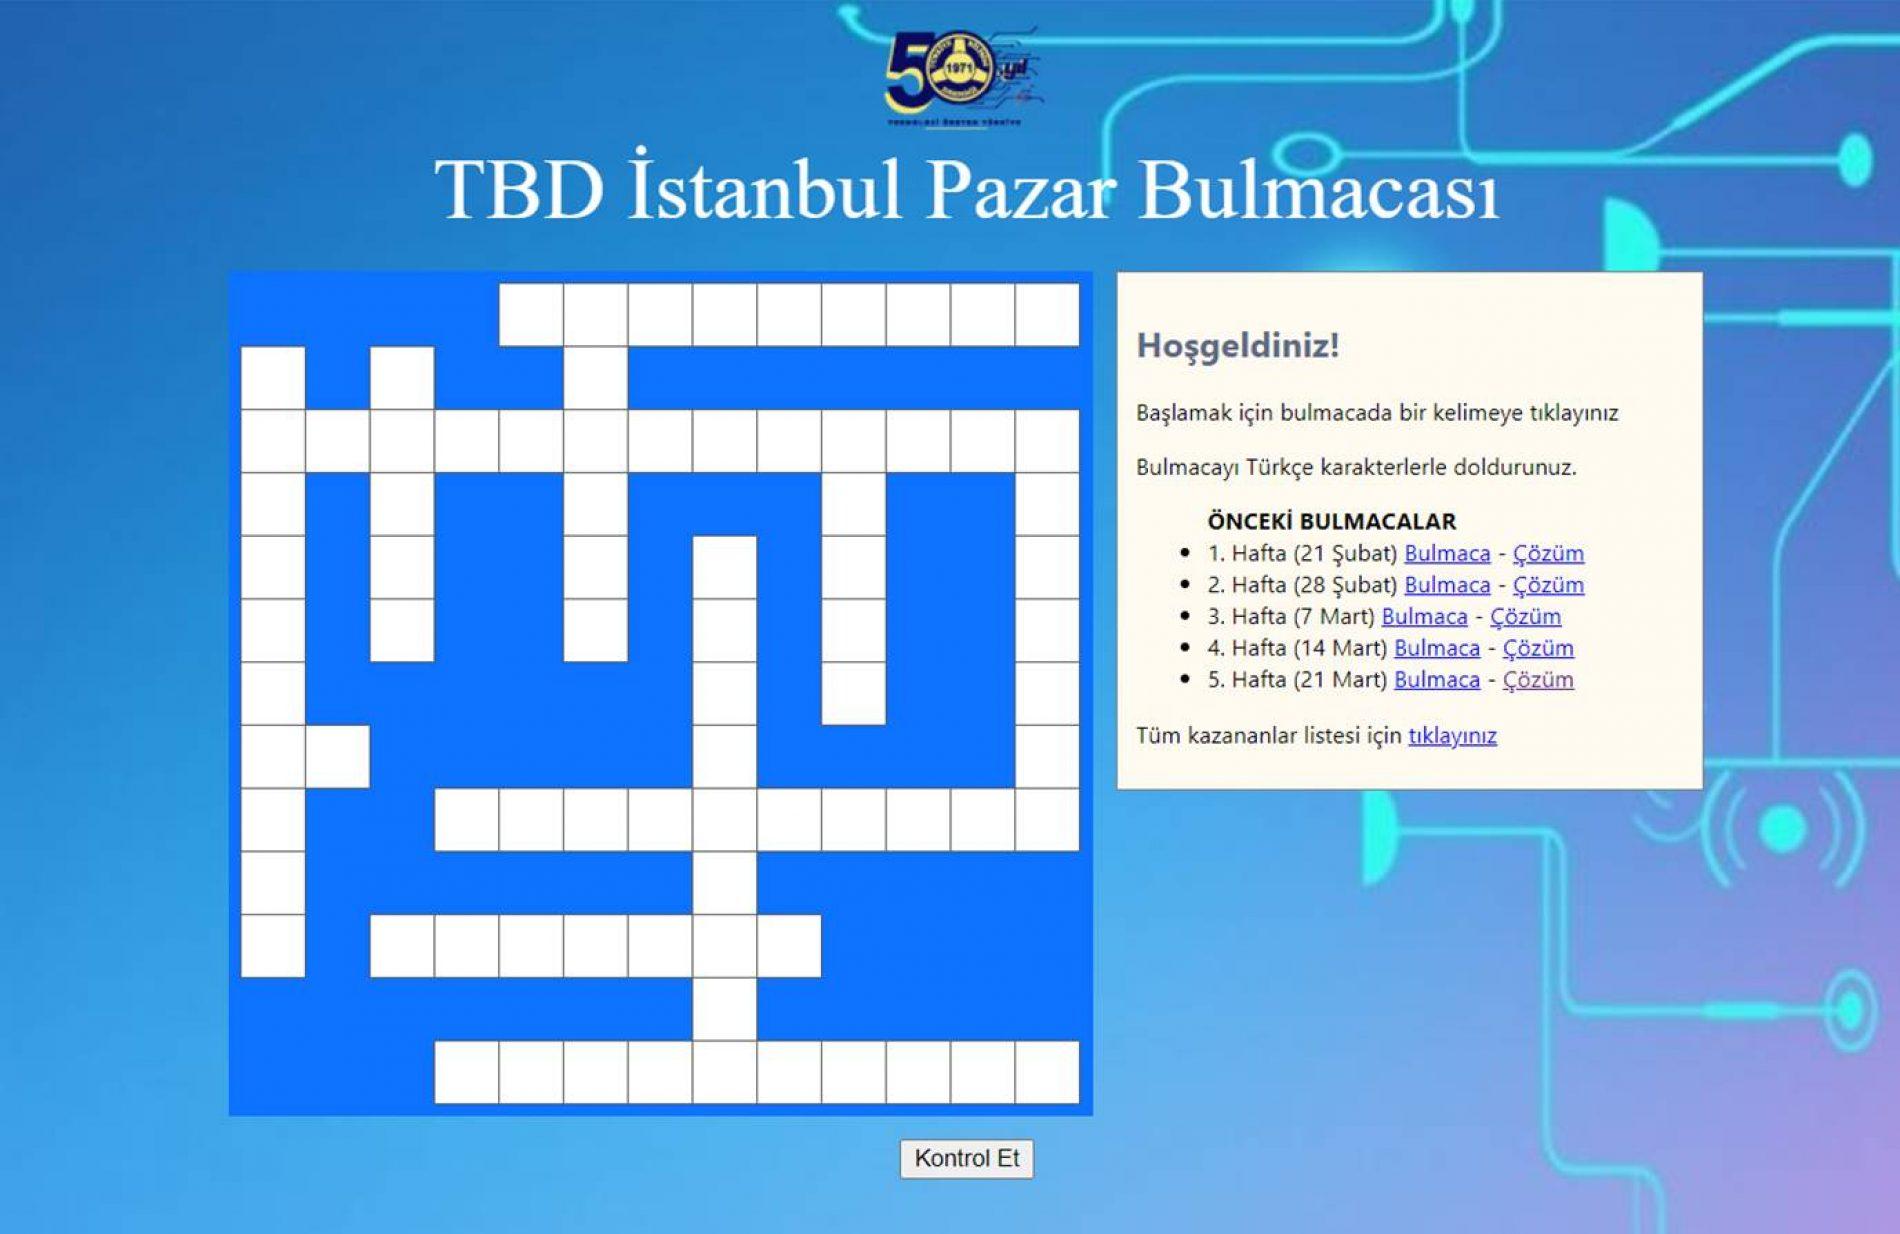 TBD İstanbul 28 Mart Pazar Bulmacası